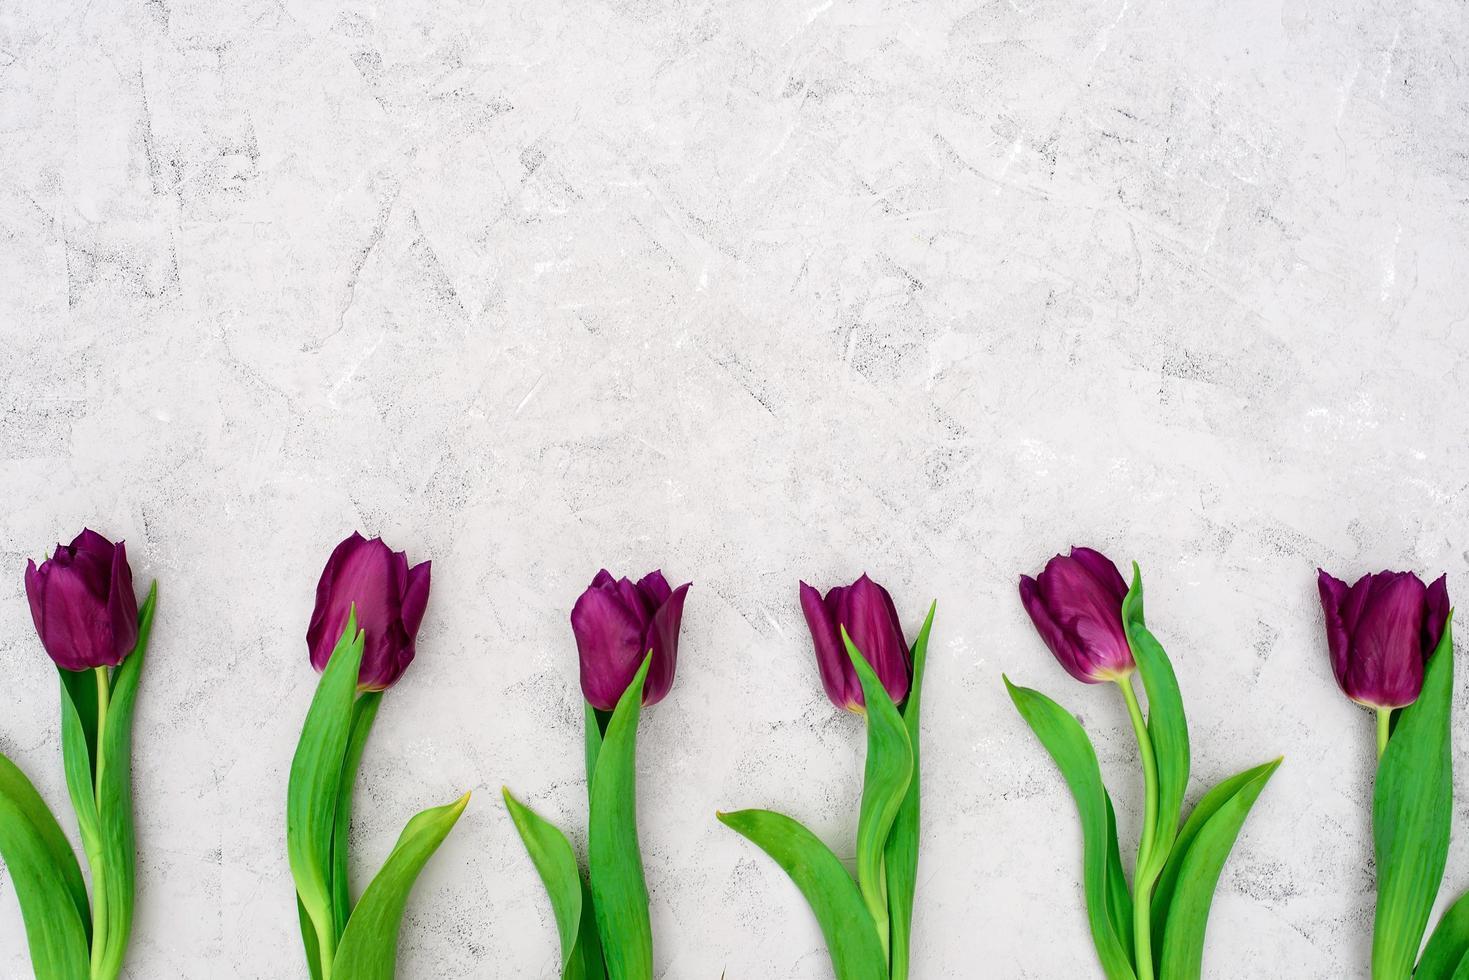 rangée de fleurs de tulipes printanières violettes sur fond de pierre claire. mise à plat. espace de copie. fête des mères. journée internationale de la femme. photo